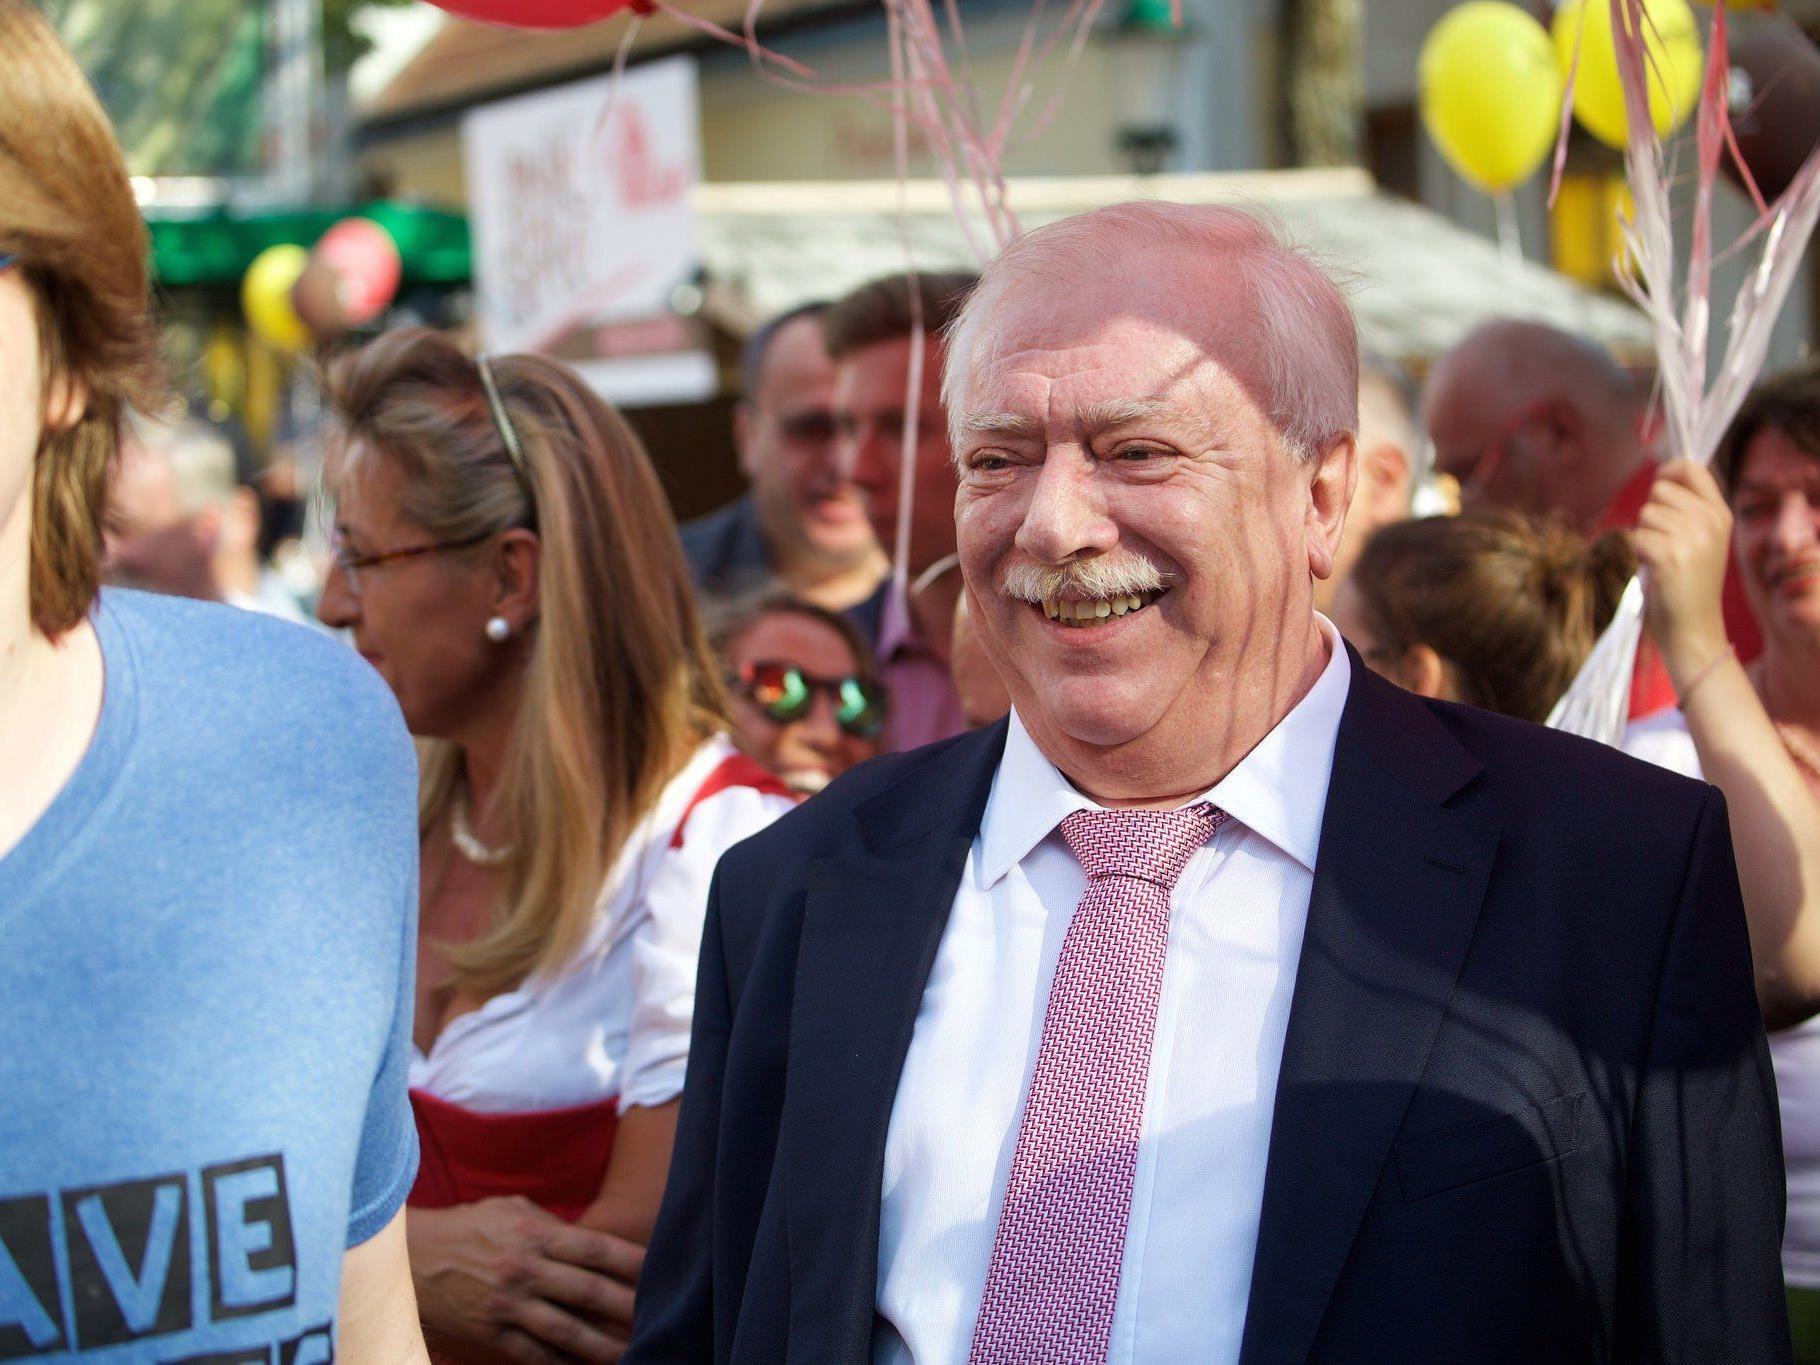 Am Samstag wurden die Stammersdorfer Weintage in Floridsdorf eröffnet.